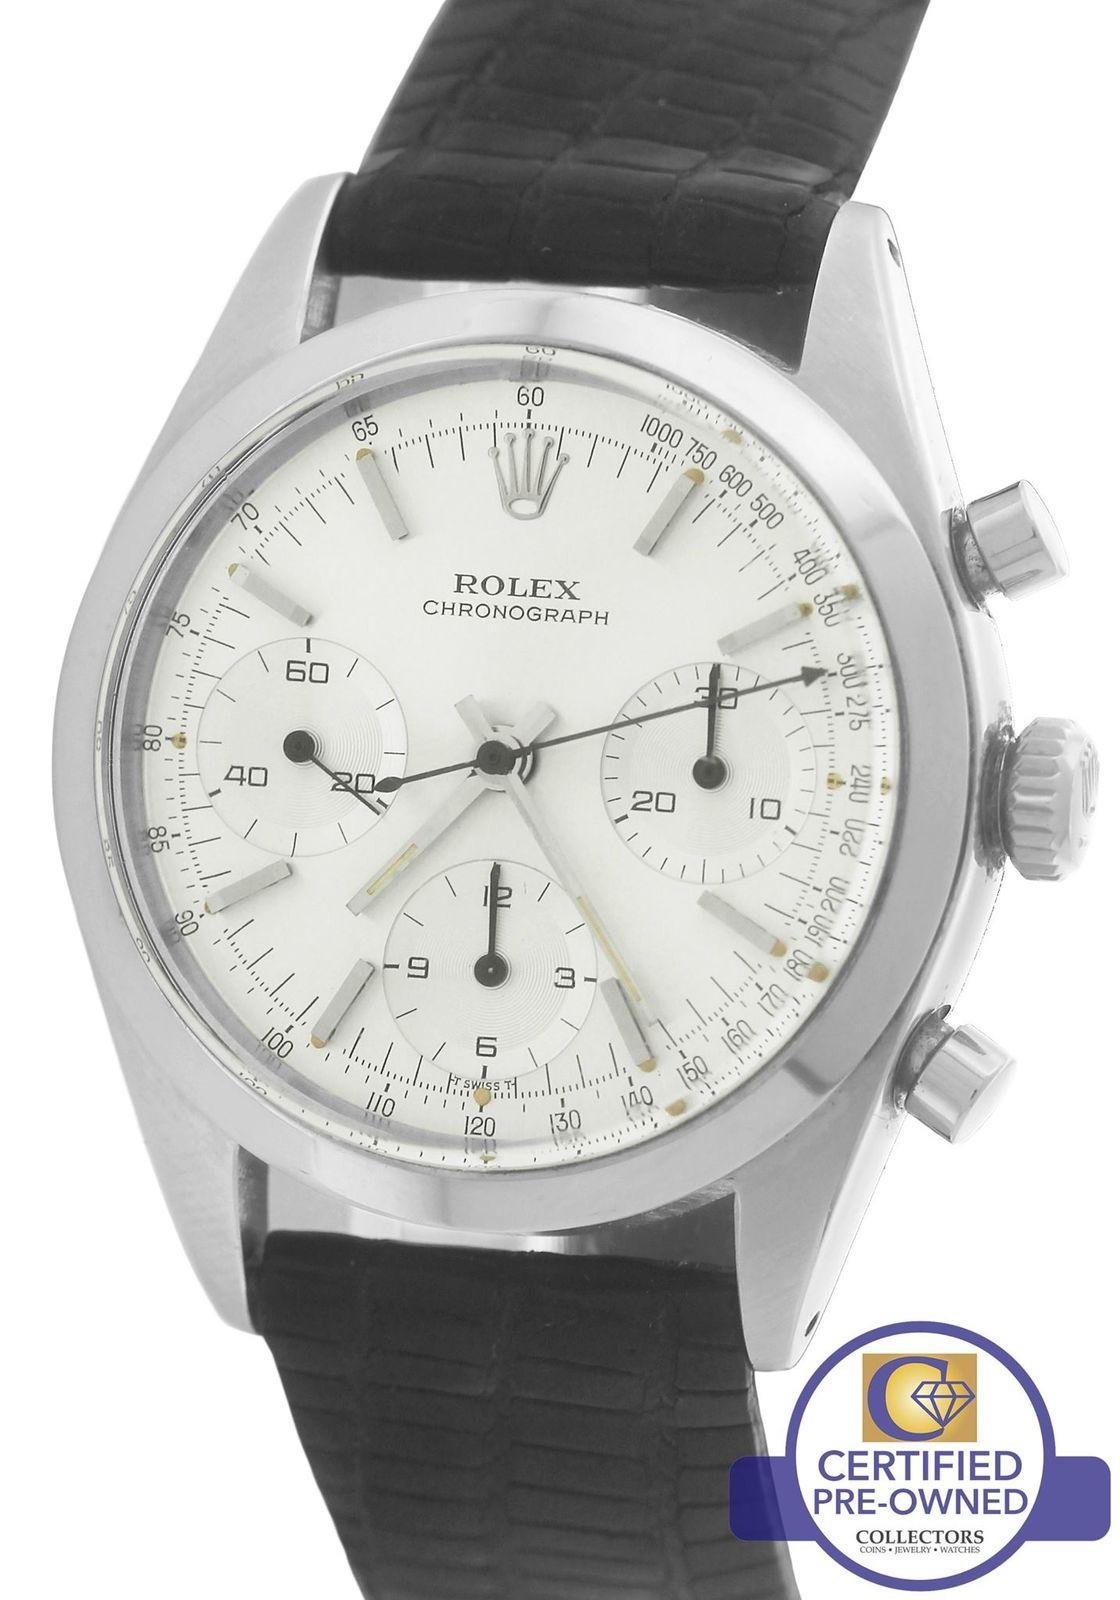 ロレックス腕時計 デイトナ Ref.6238